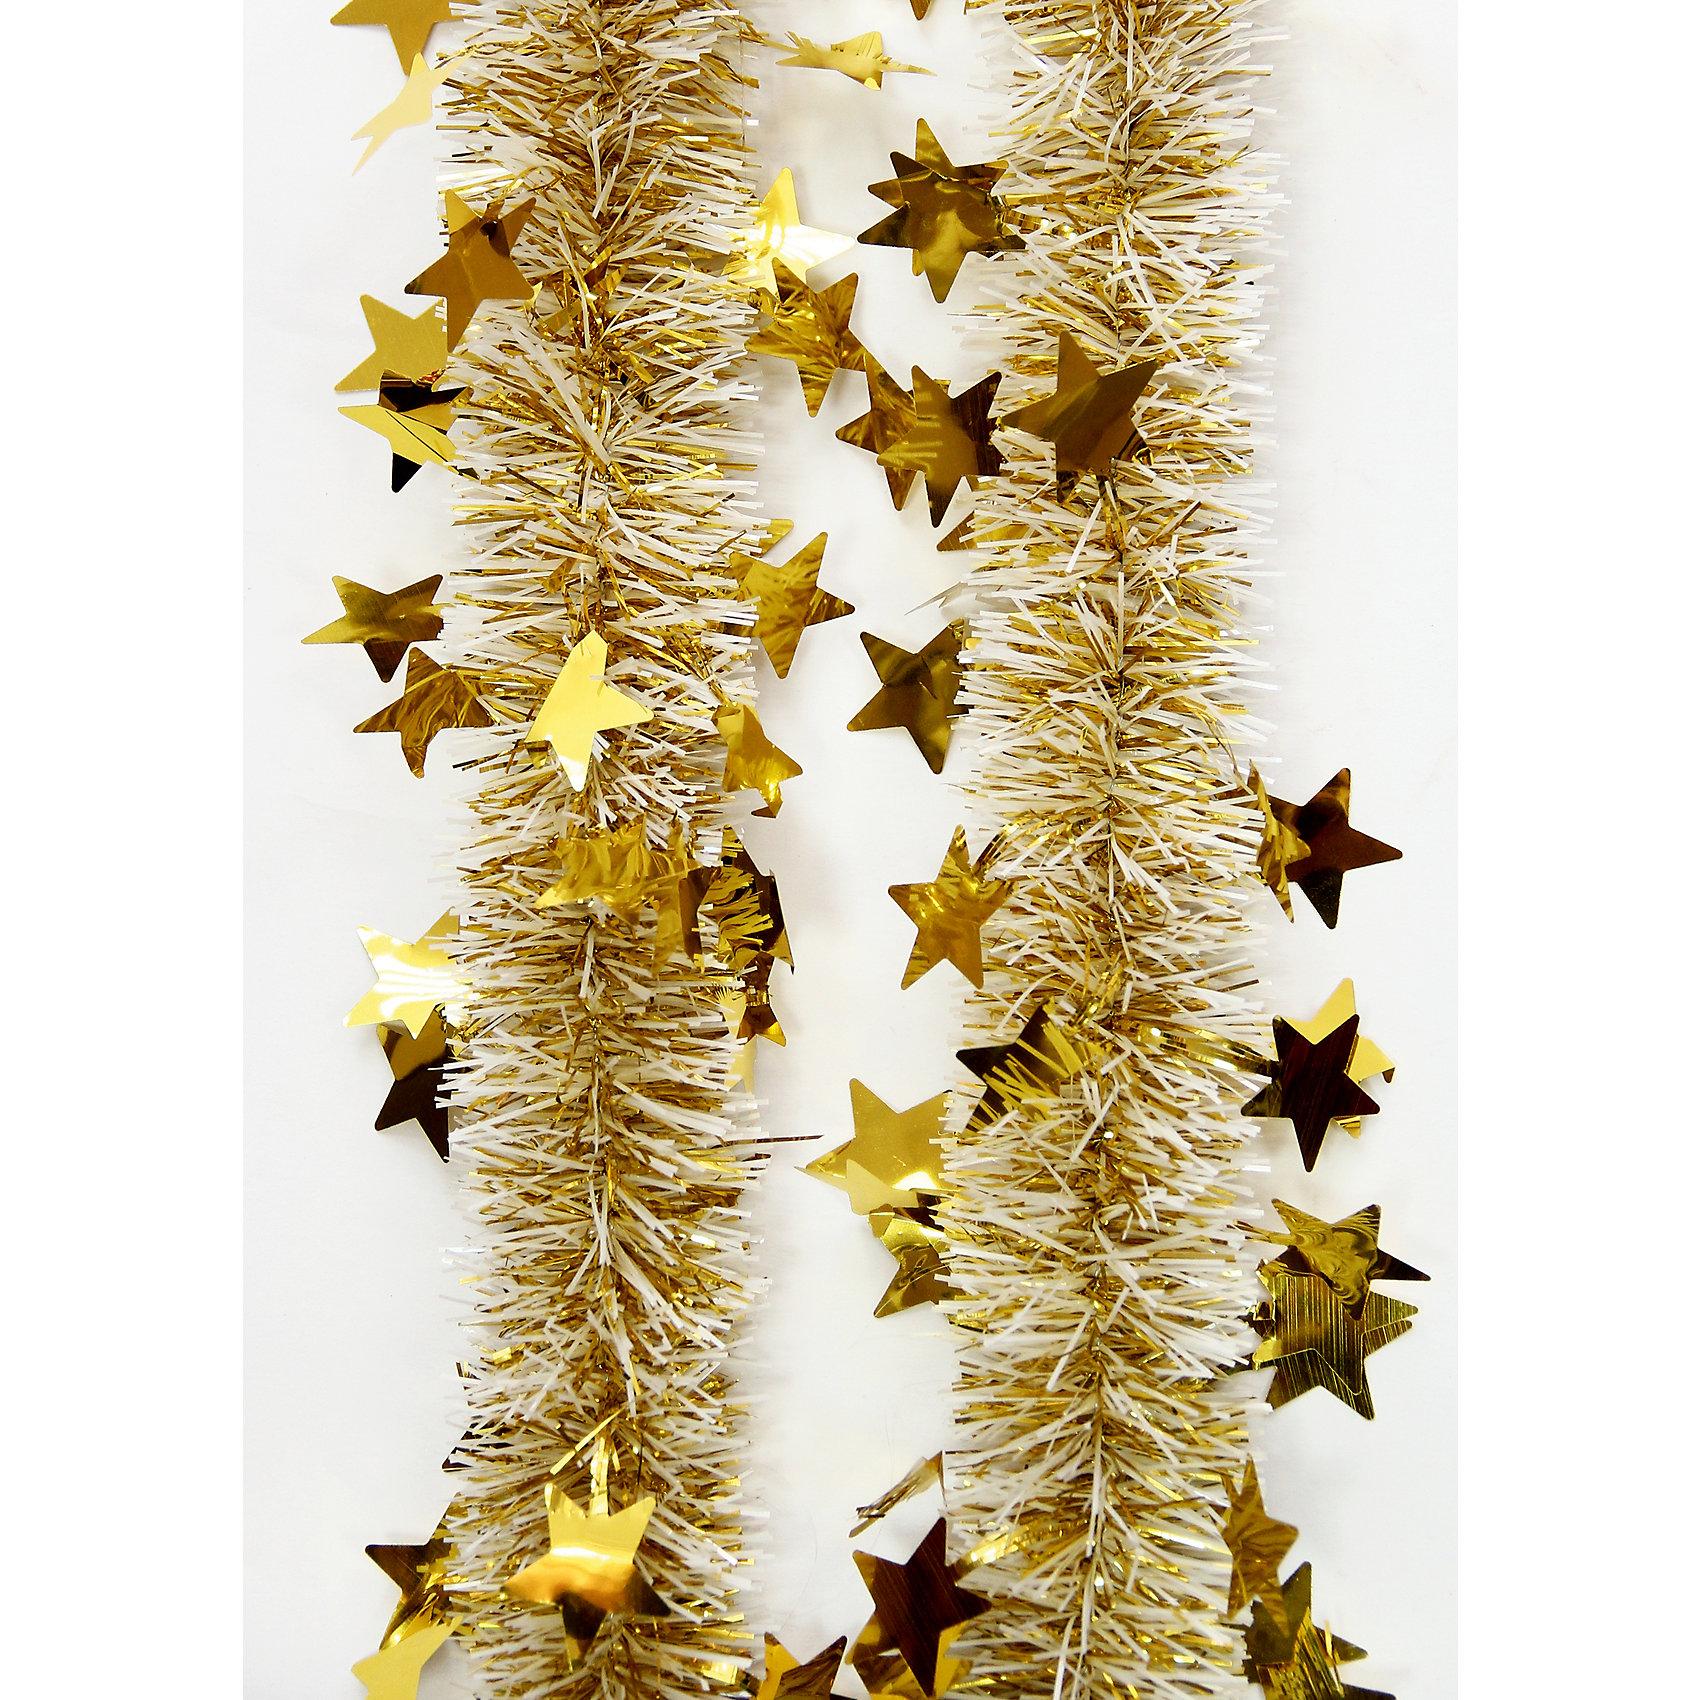 Мишура Золото 6*200 смМишура Золото 6*200 см – этот новогодний аксессуар принесет в ваш дом ни с чем несравнимое ощущение праздника!<br>Пушистая новогодняя мишура золотого цвета, декорированная звездочками, поможет вам украсить свой дом к предстоящим праздникам. Мишурой можно украсить все, что угодно - елку, квартиру, дачу, офис - как внутри, так и снаружи. Можно сложить новогодние поздравления, буквы и цифры, дополнить гирлянды, выделить дверные колонны или оплести дверные проемы. Искрящаяся мишура создаст множество ярких бликов, наполнит дом атмосферой волшебства и магии!<br><br>Дополнительная информация:<br><br>- Размер: 6х200 см.<br>- Материал: ПЭТ (полиэтилентерефталат)<br>- Цвет: золото<br><br>Мишуру Золото 6*200 см можно купить в нашем интернет-магазине.<br><br>Ширина мм: 100<br>Глубина мм: 100<br>Высота мм: 60<br>Вес г: 620<br>Возраст от месяцев: 36<br>Возраст до месяцев: 2147483647<br>Пол: Унисекс<br>Возраст: Детский<br>SKU: 4981507